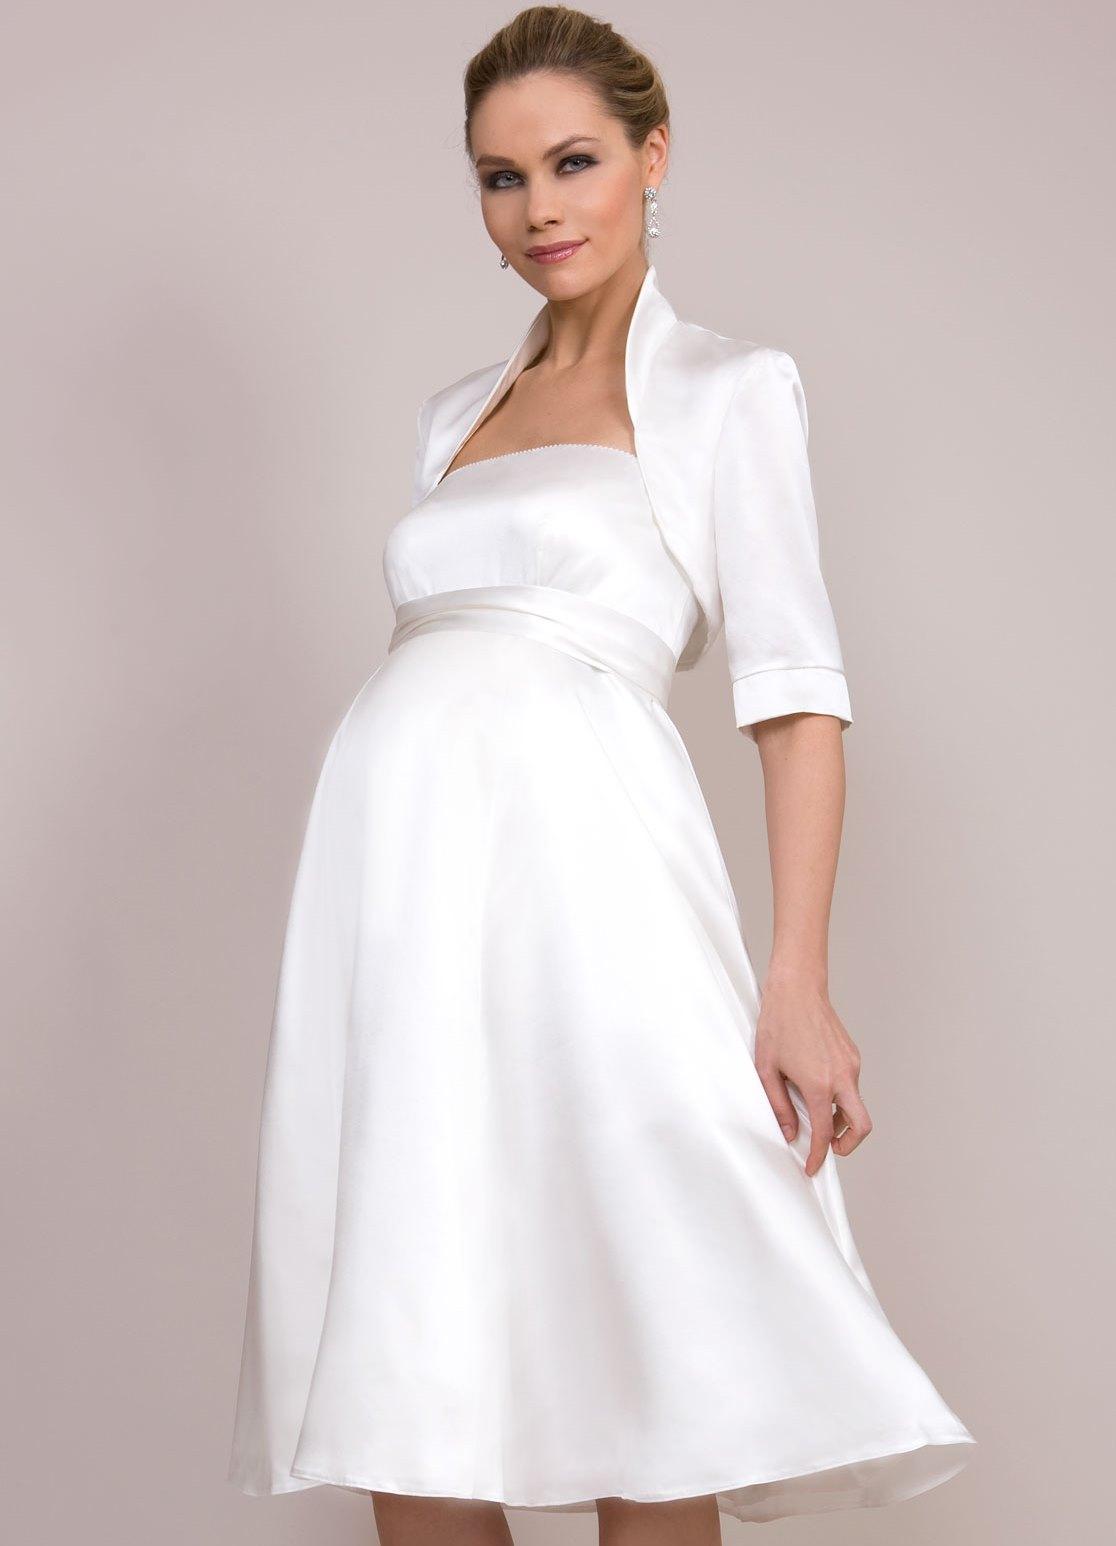 Свадебные платья для беременных на 5 месяце 8f4337359b1